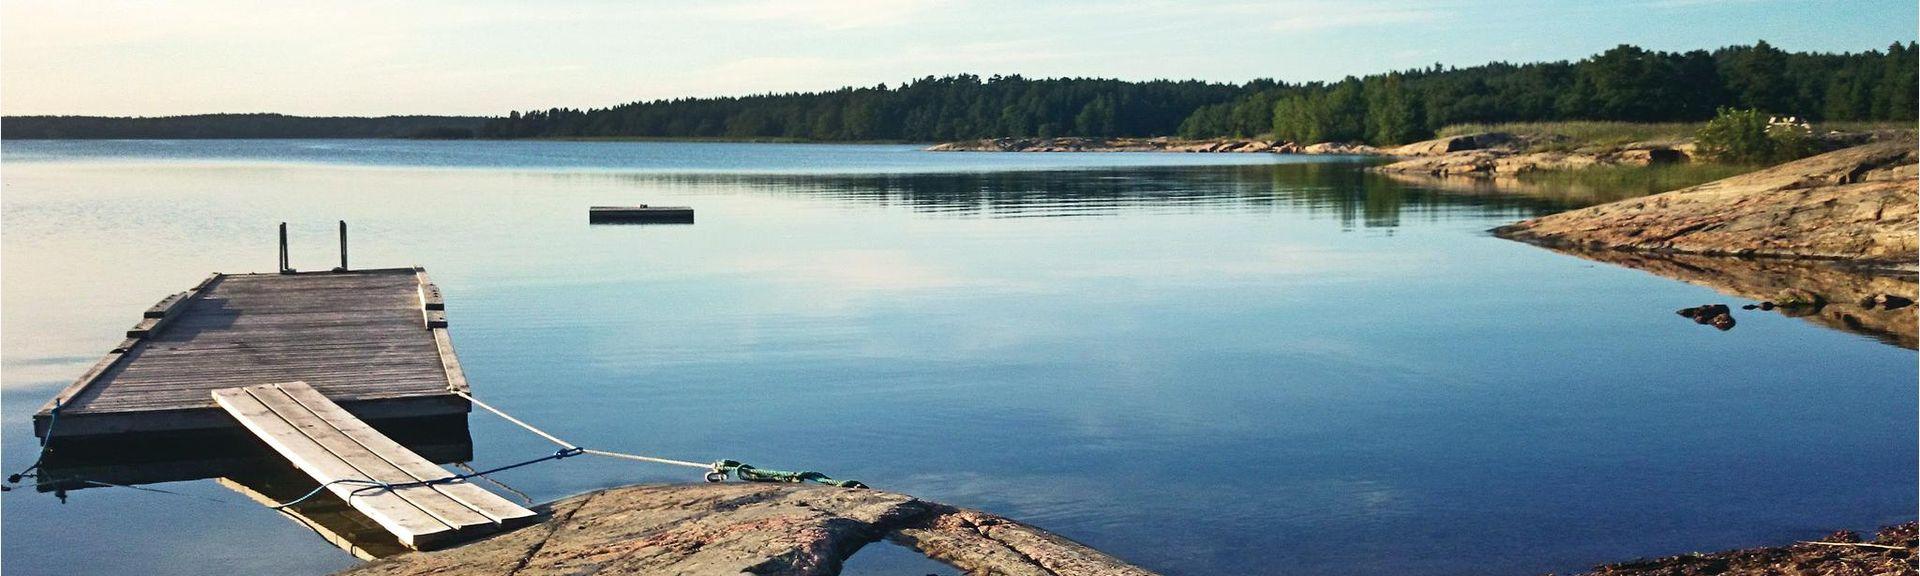 Söderköping Ö, Sweden